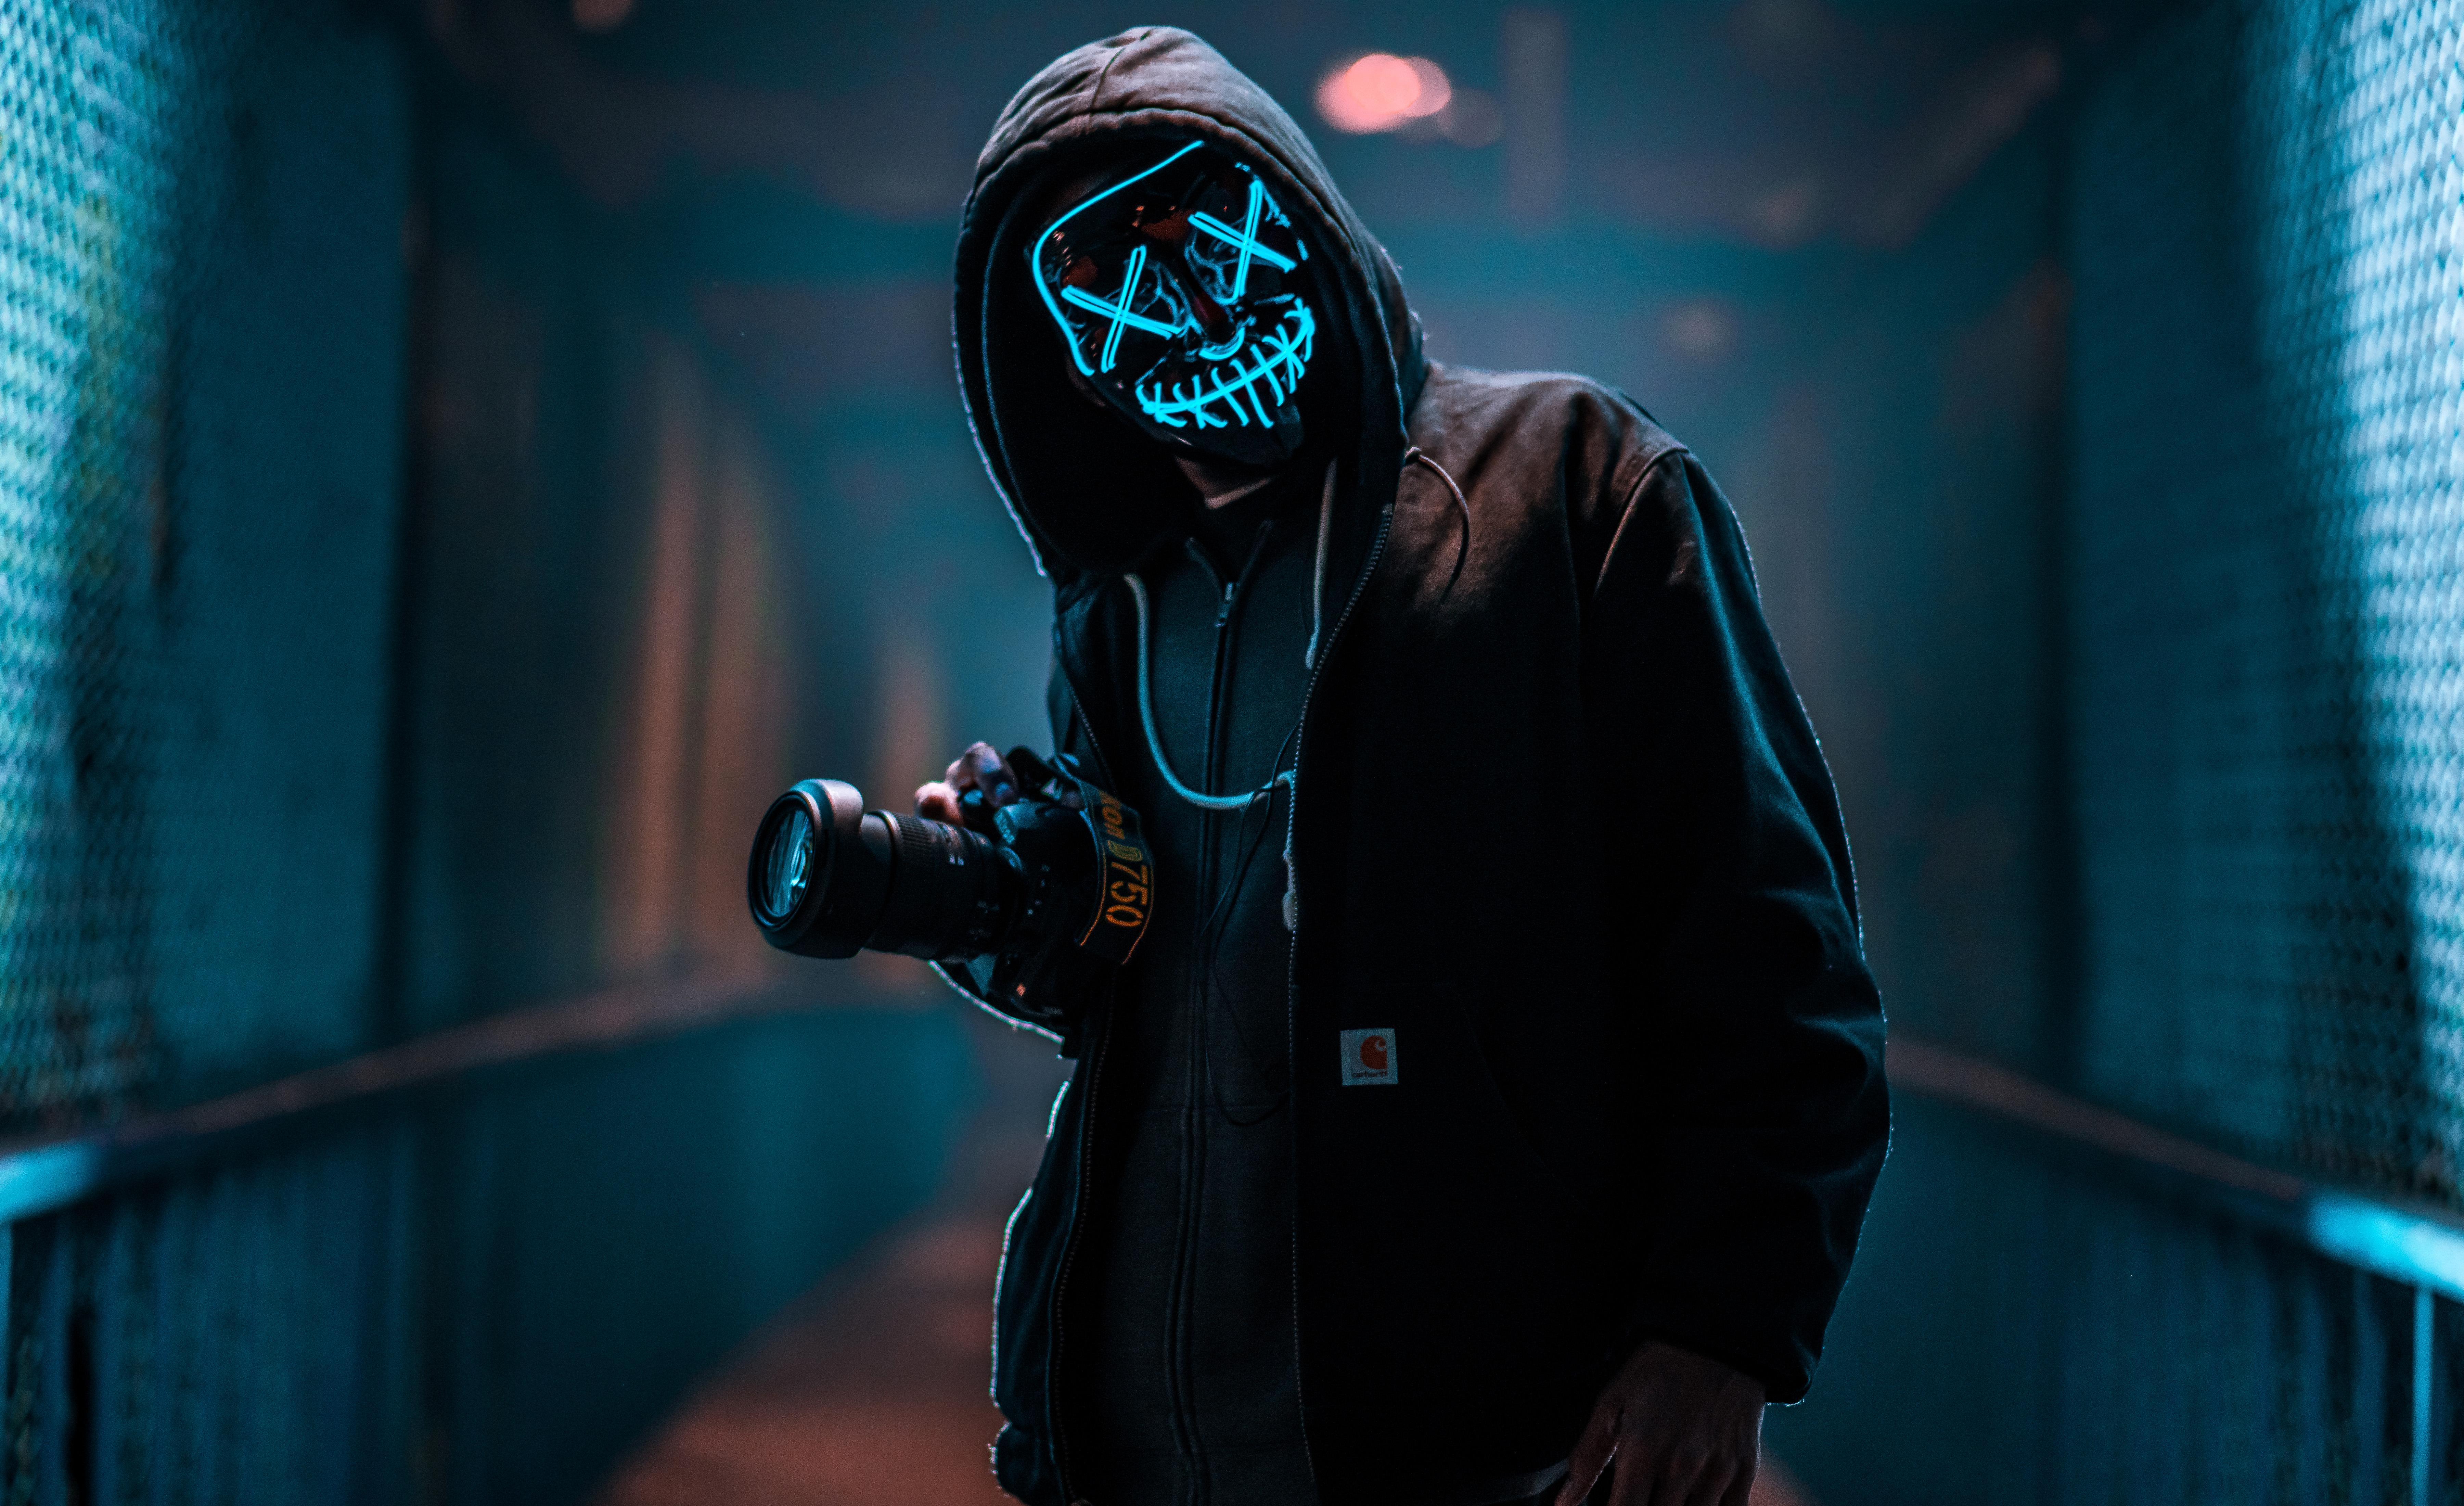 Картинки для аватарки в маске